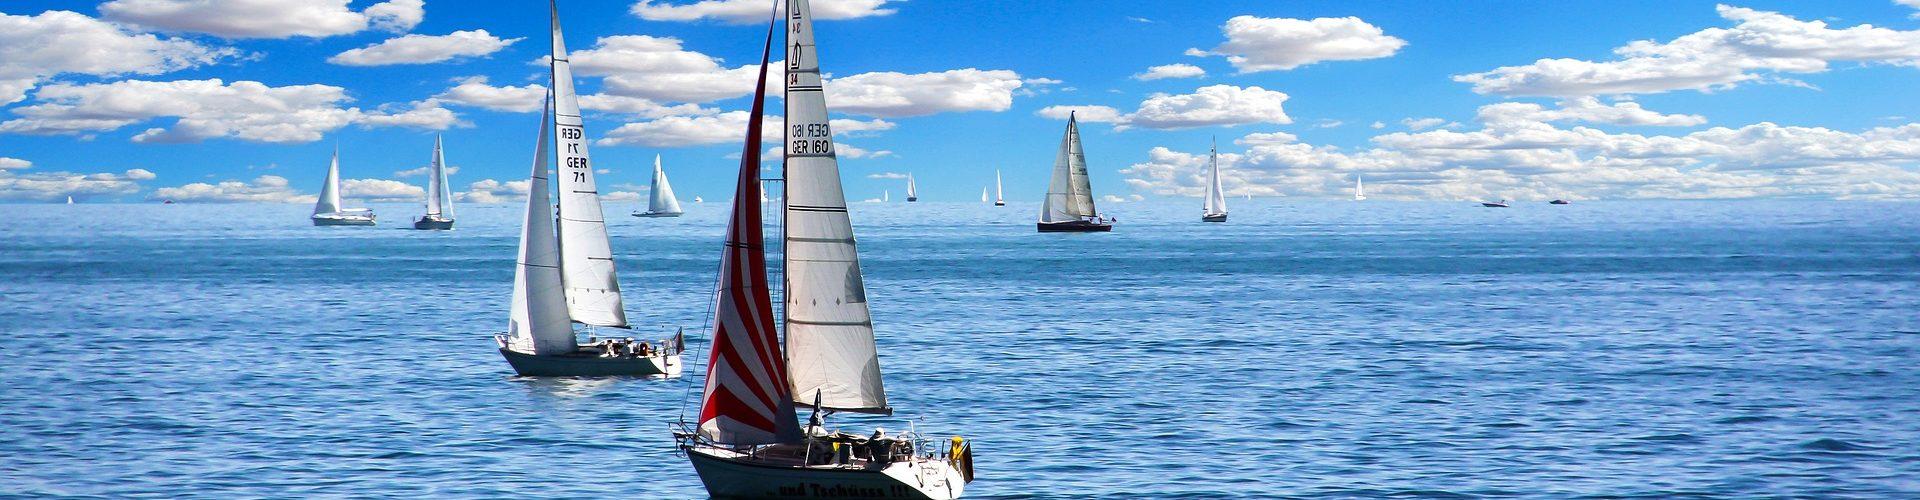 segeln lernen in Würselen segelschein machen in Würselen 1920x500 - Segeln lernen in Würselen